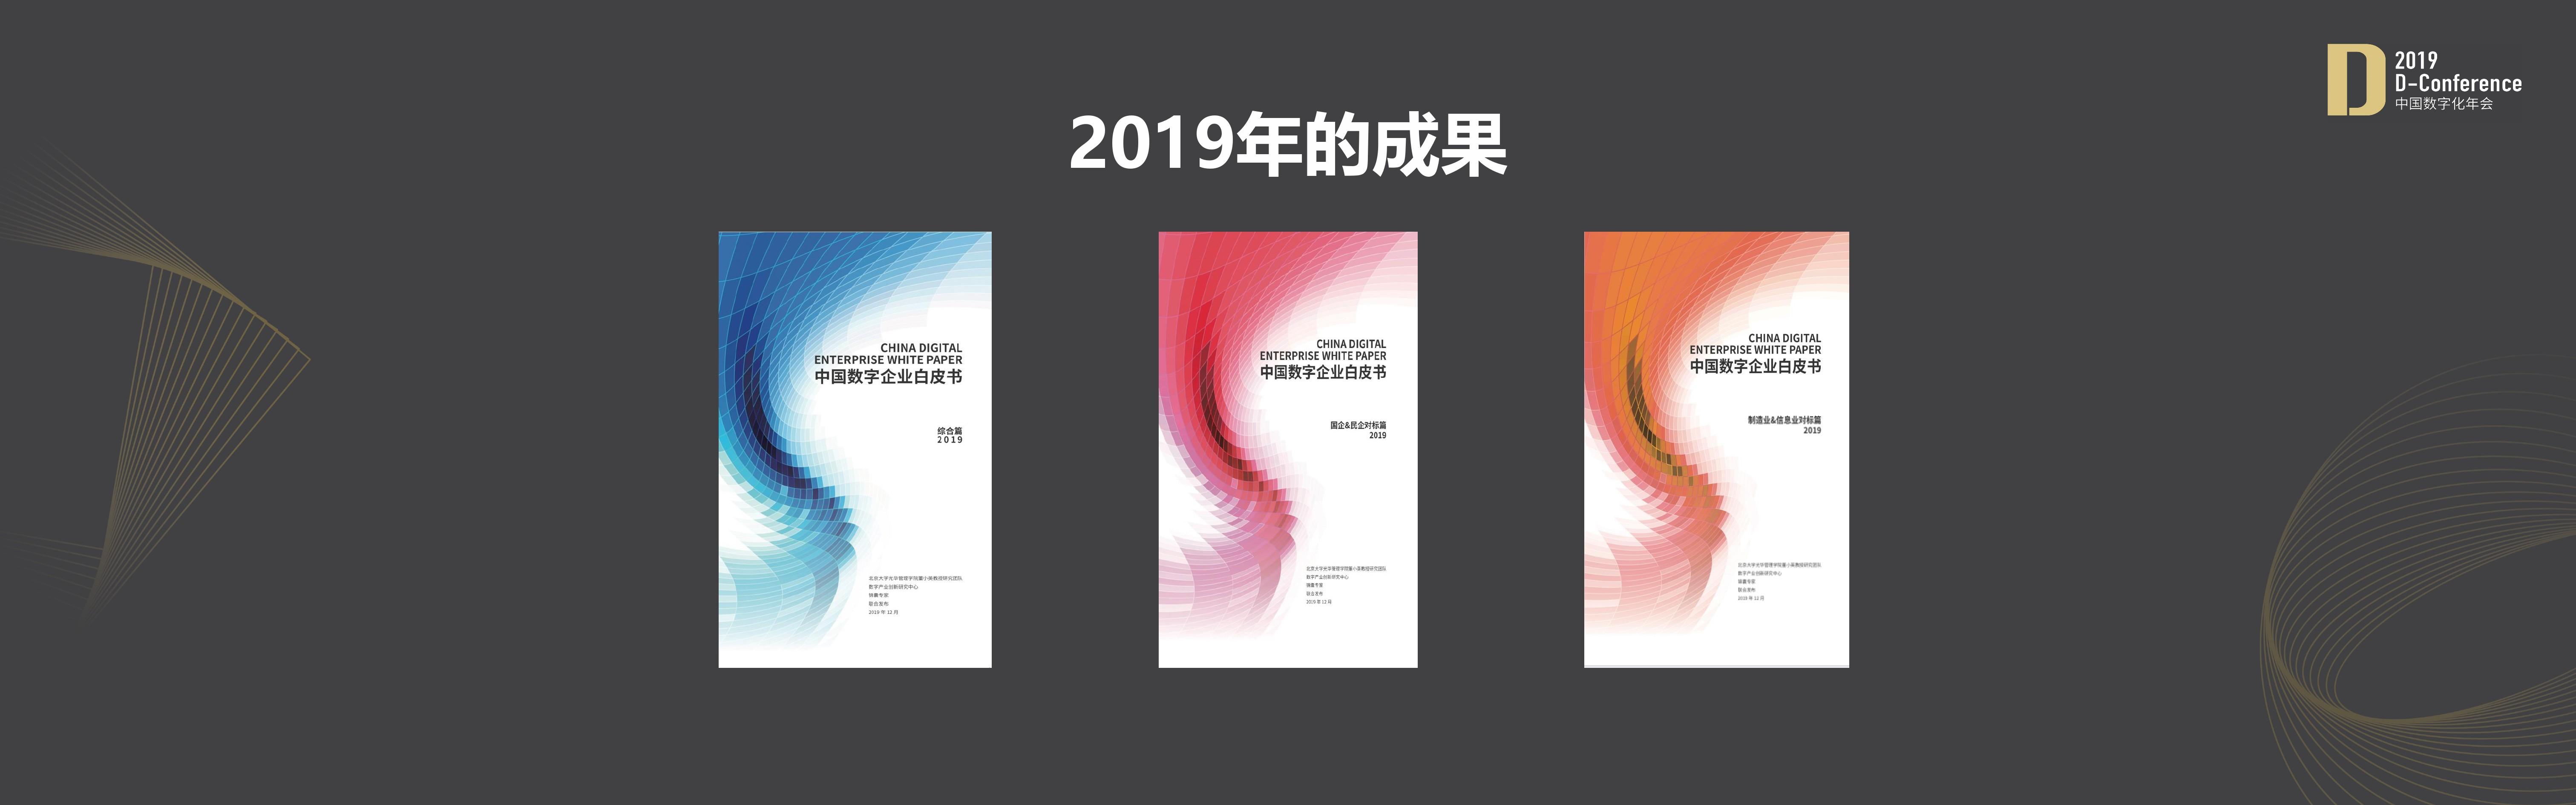 《2019中国数字企业白皮书》发布与解读